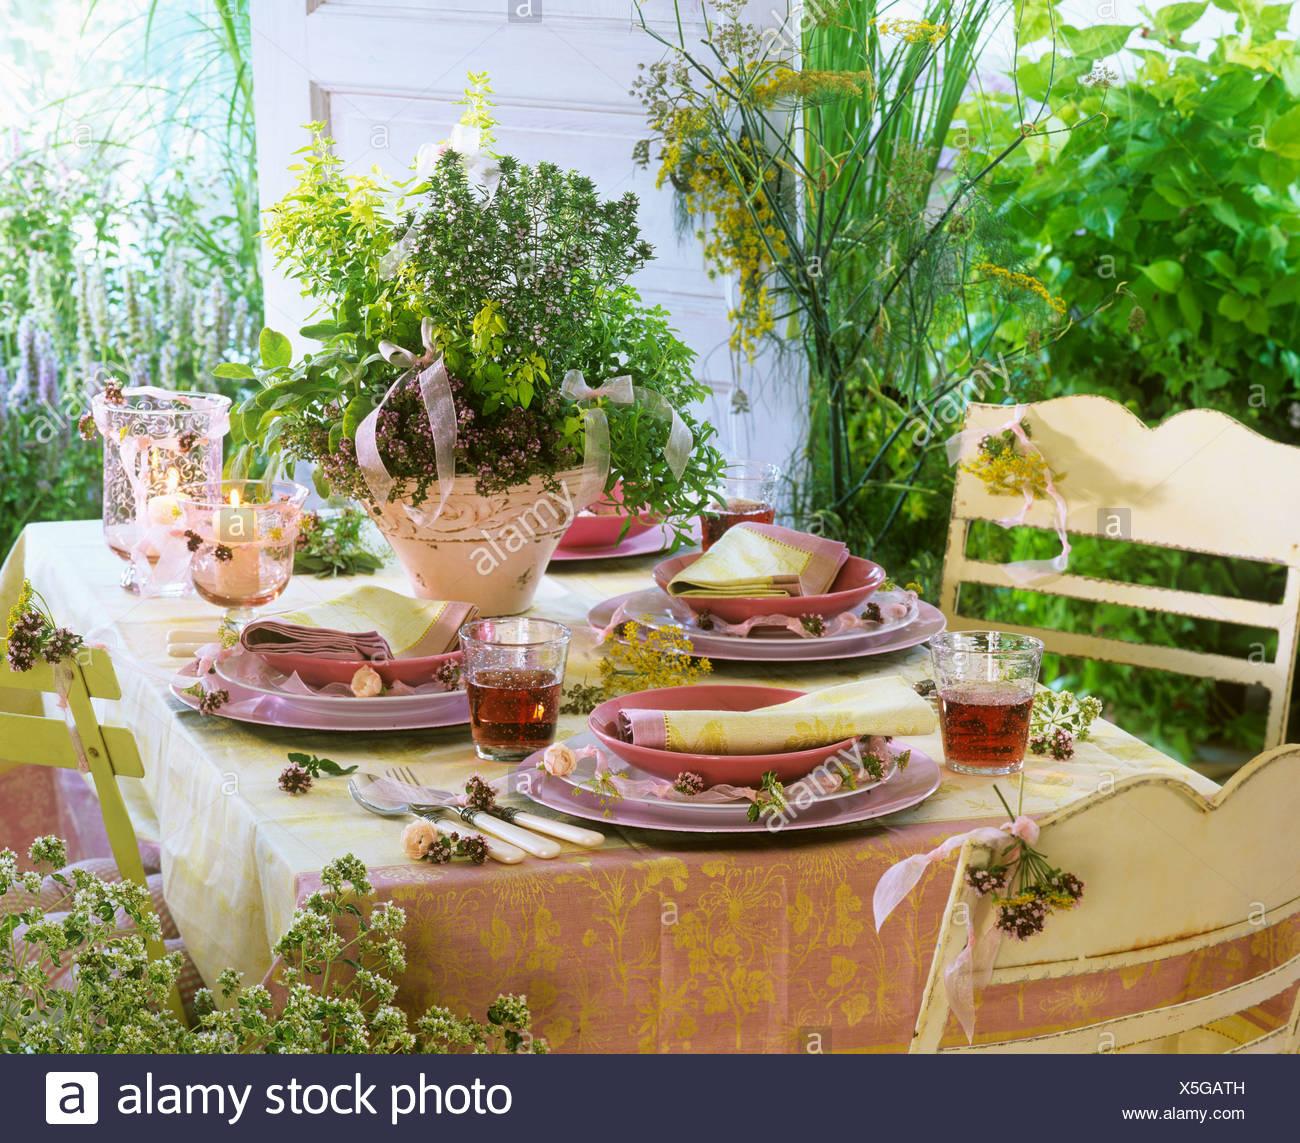 Bluhende Krauter Aus Dem Garten Dekorieren Einen Gedeckten Tisch